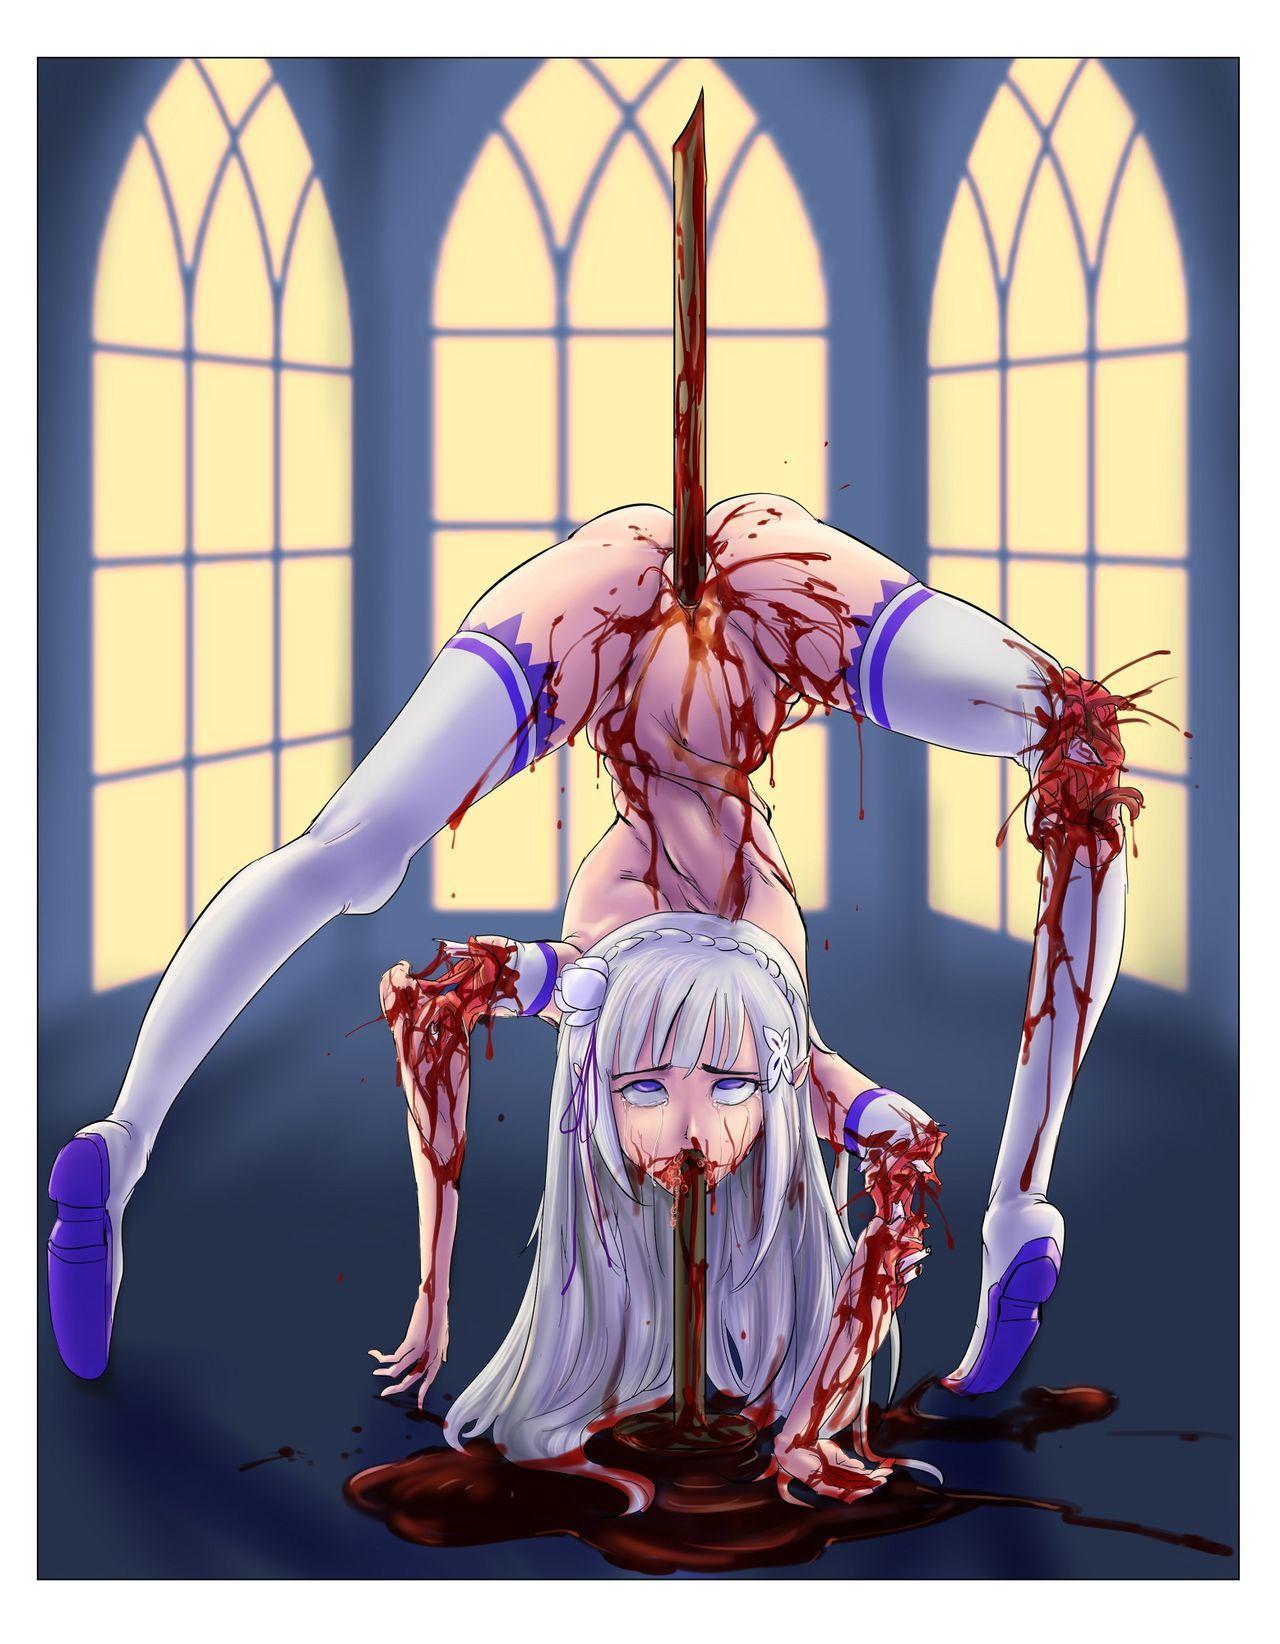 DEATH RAPE OF EMILIA 9